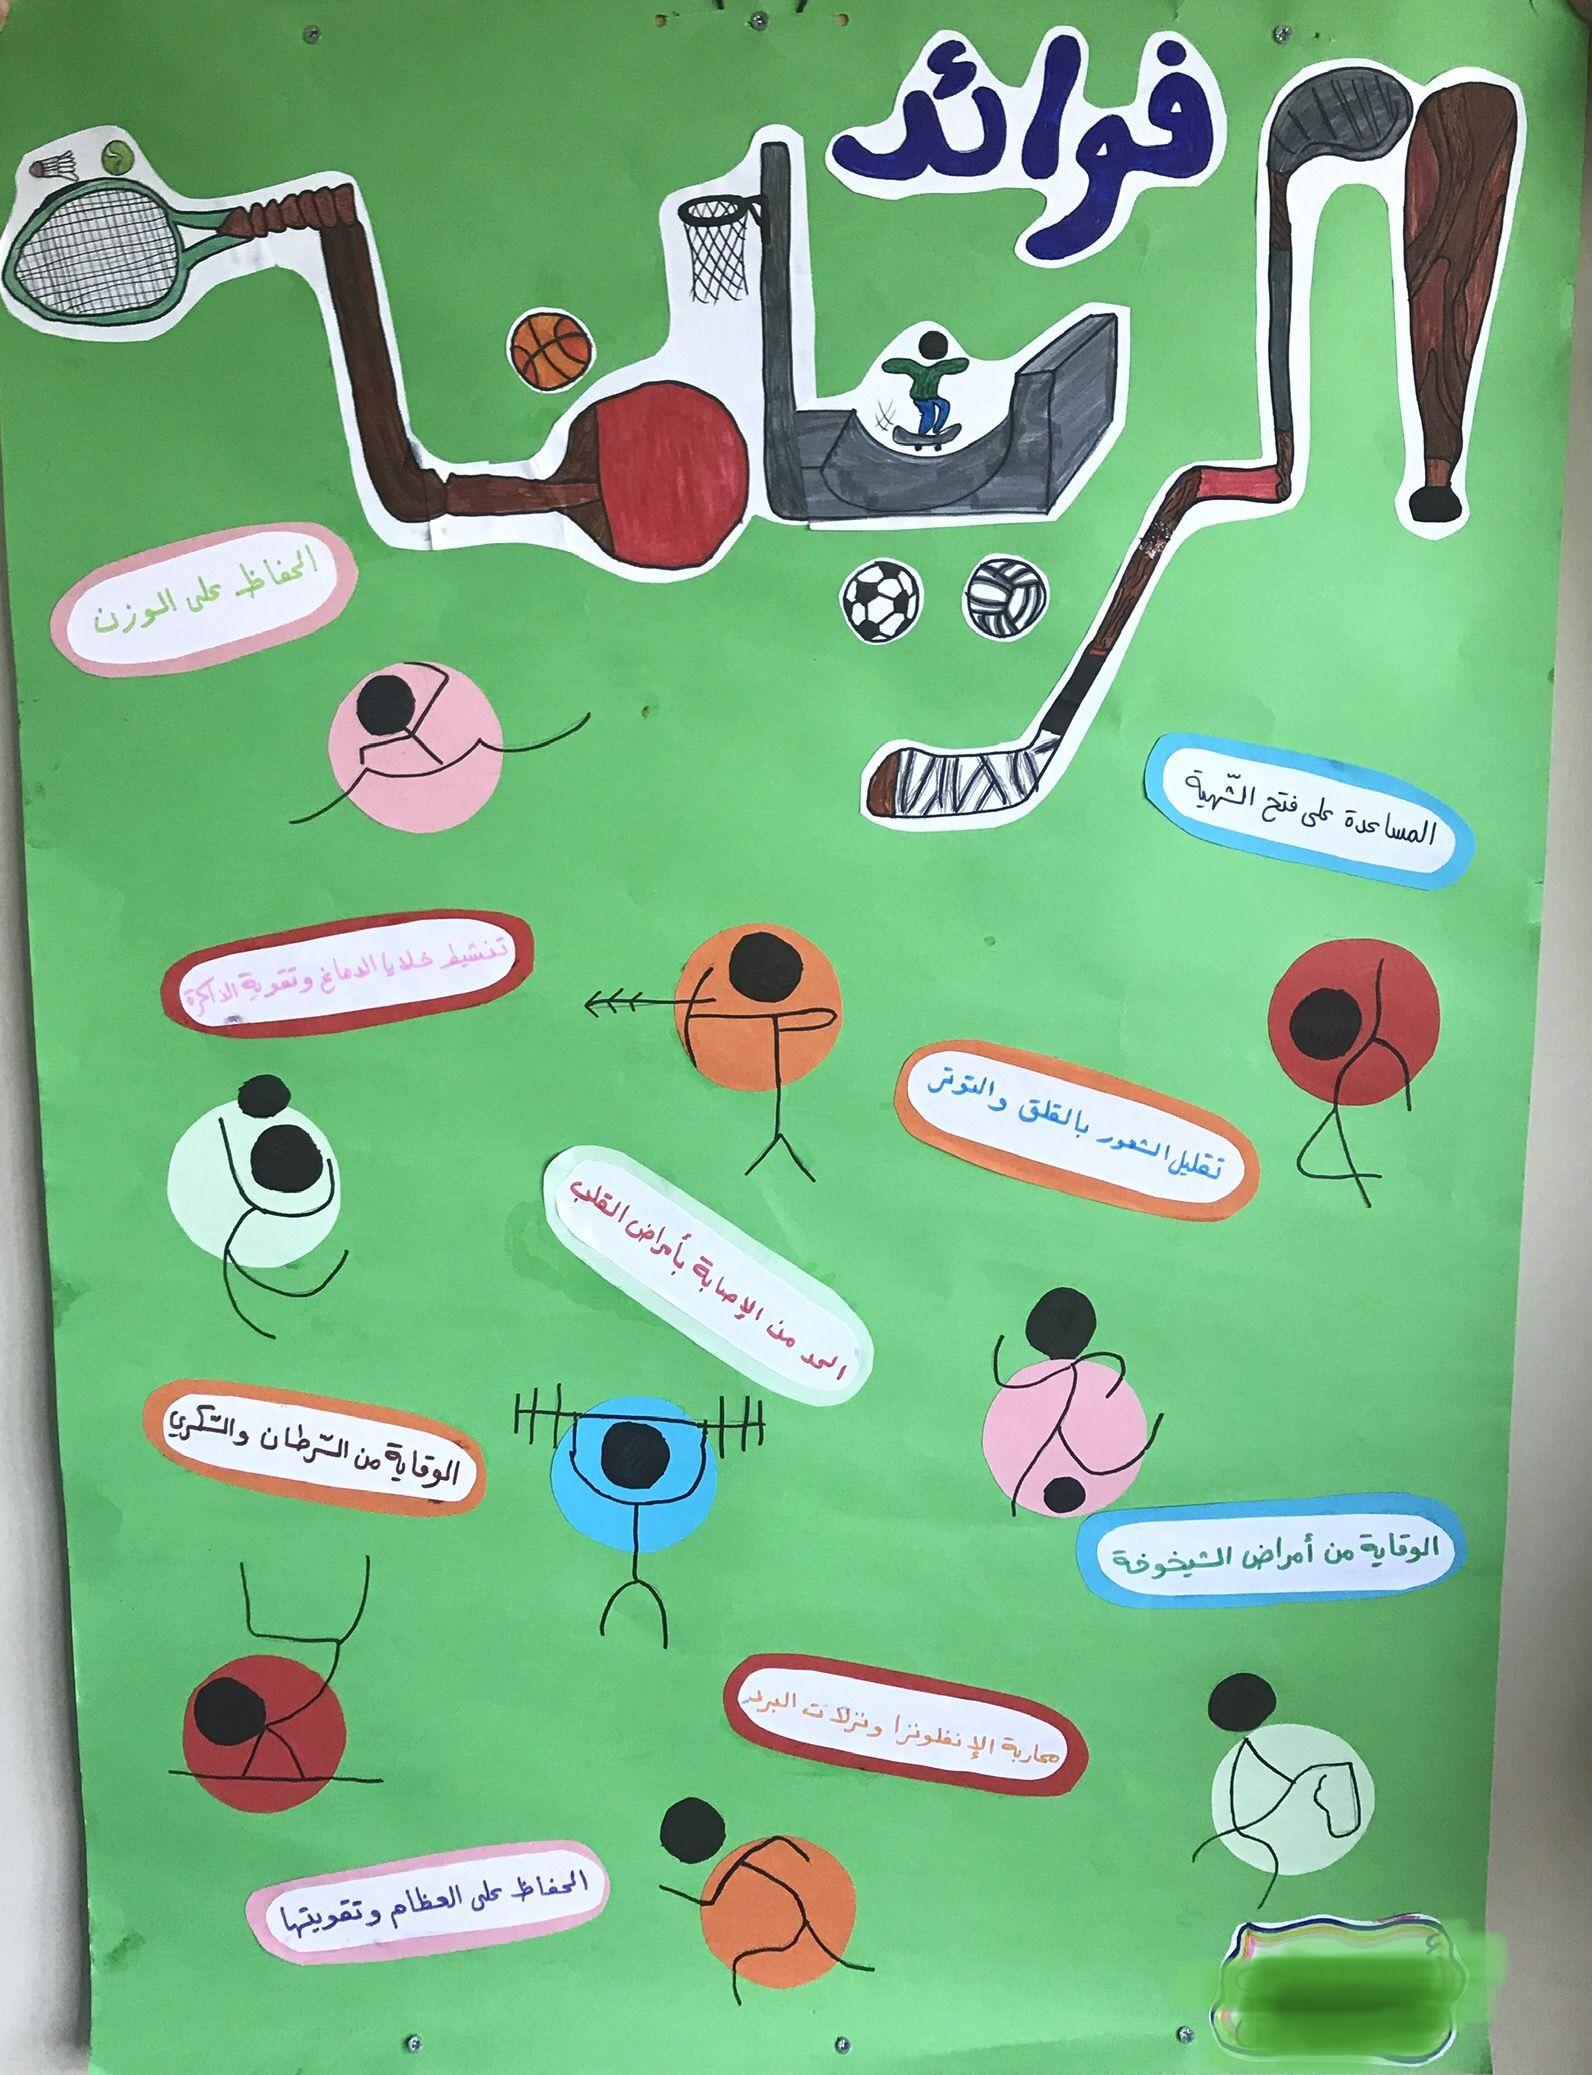 مشروع لوحة للاطفال عن فوائد الرياضة School project about